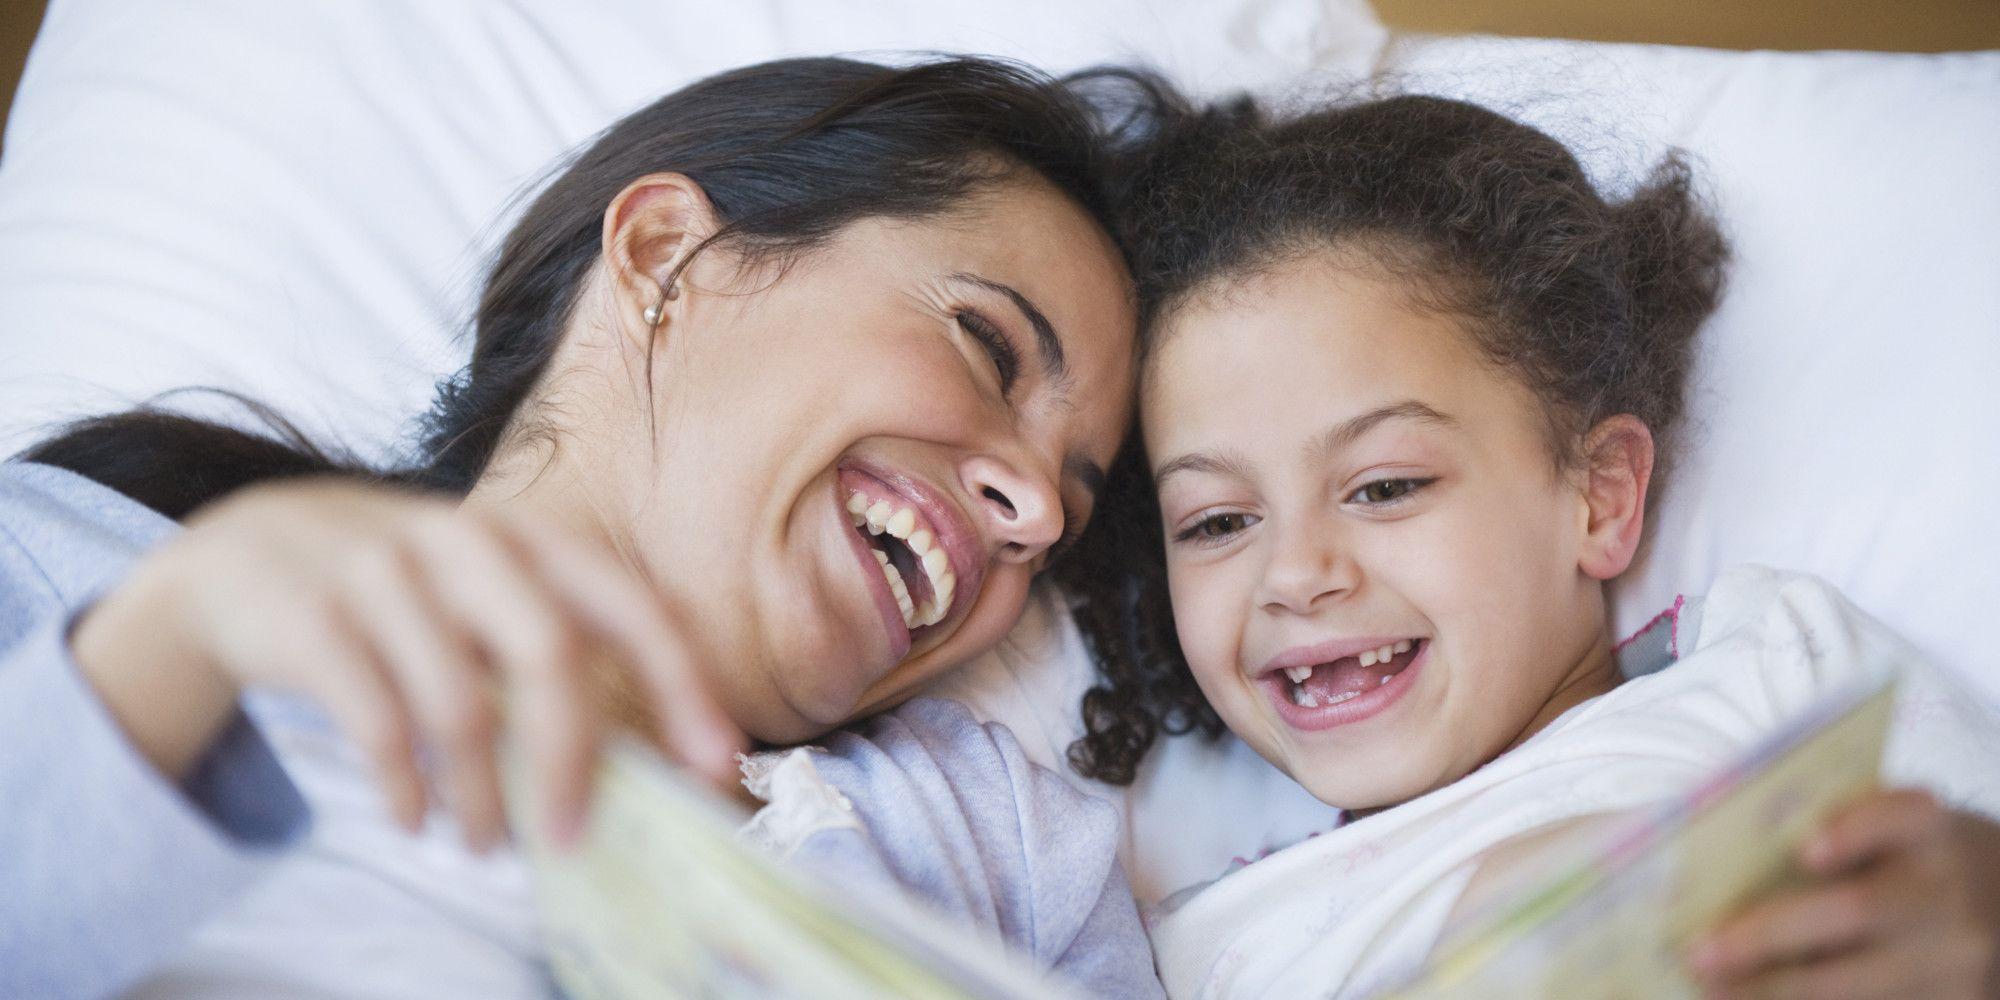 Hari Dongeng Sedunia Ini 7 Dongeng Terbaik Anak Umur 1-3 Tahun